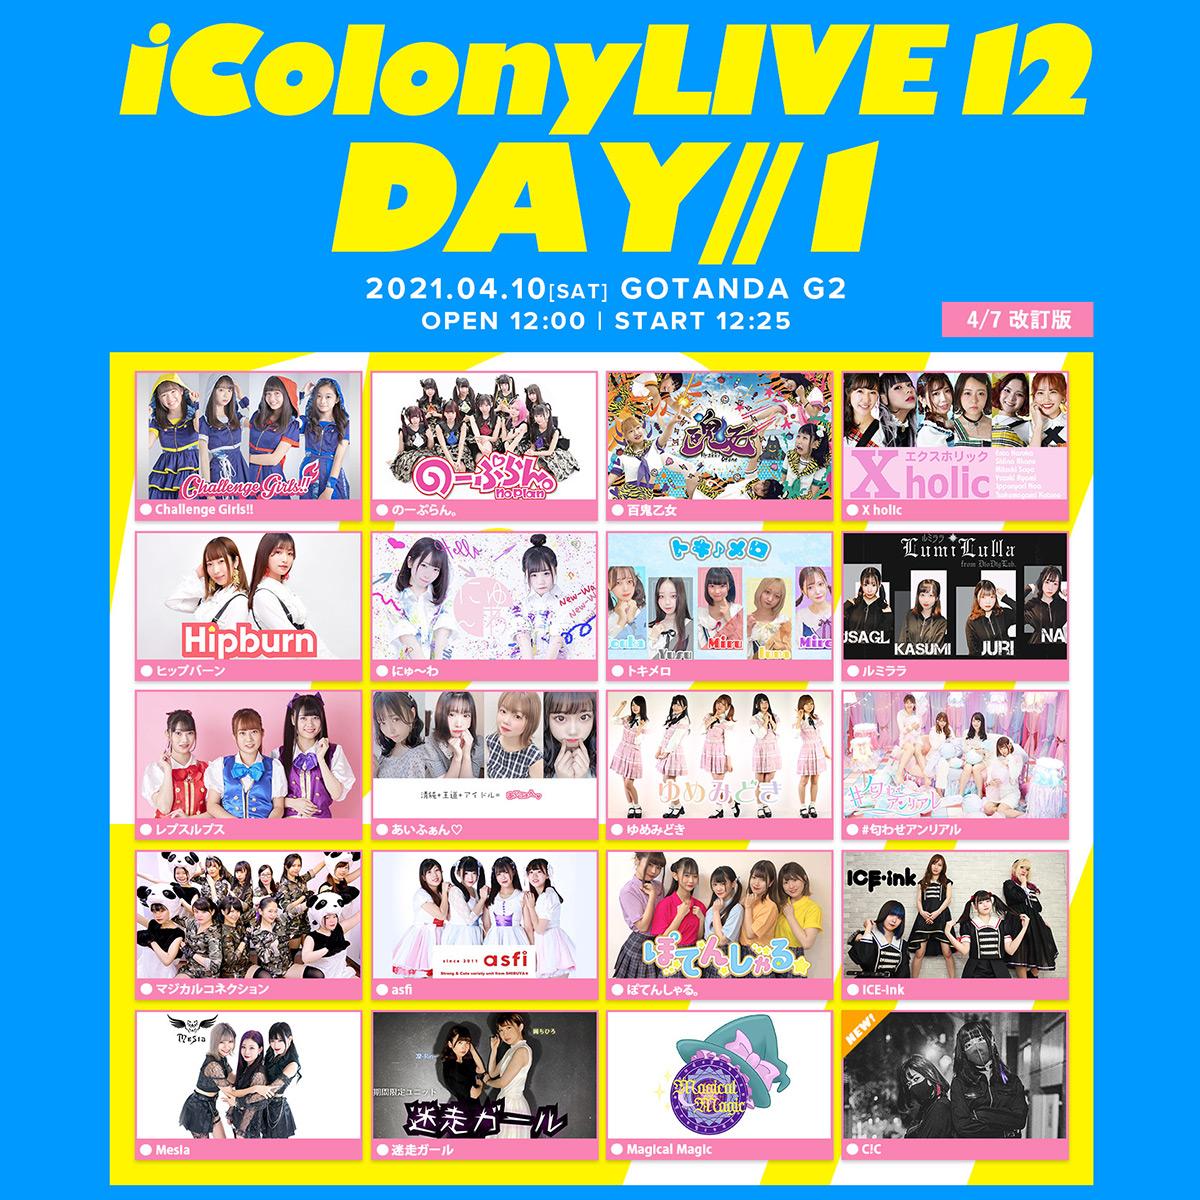 iColony LIVE 12 // DAY1